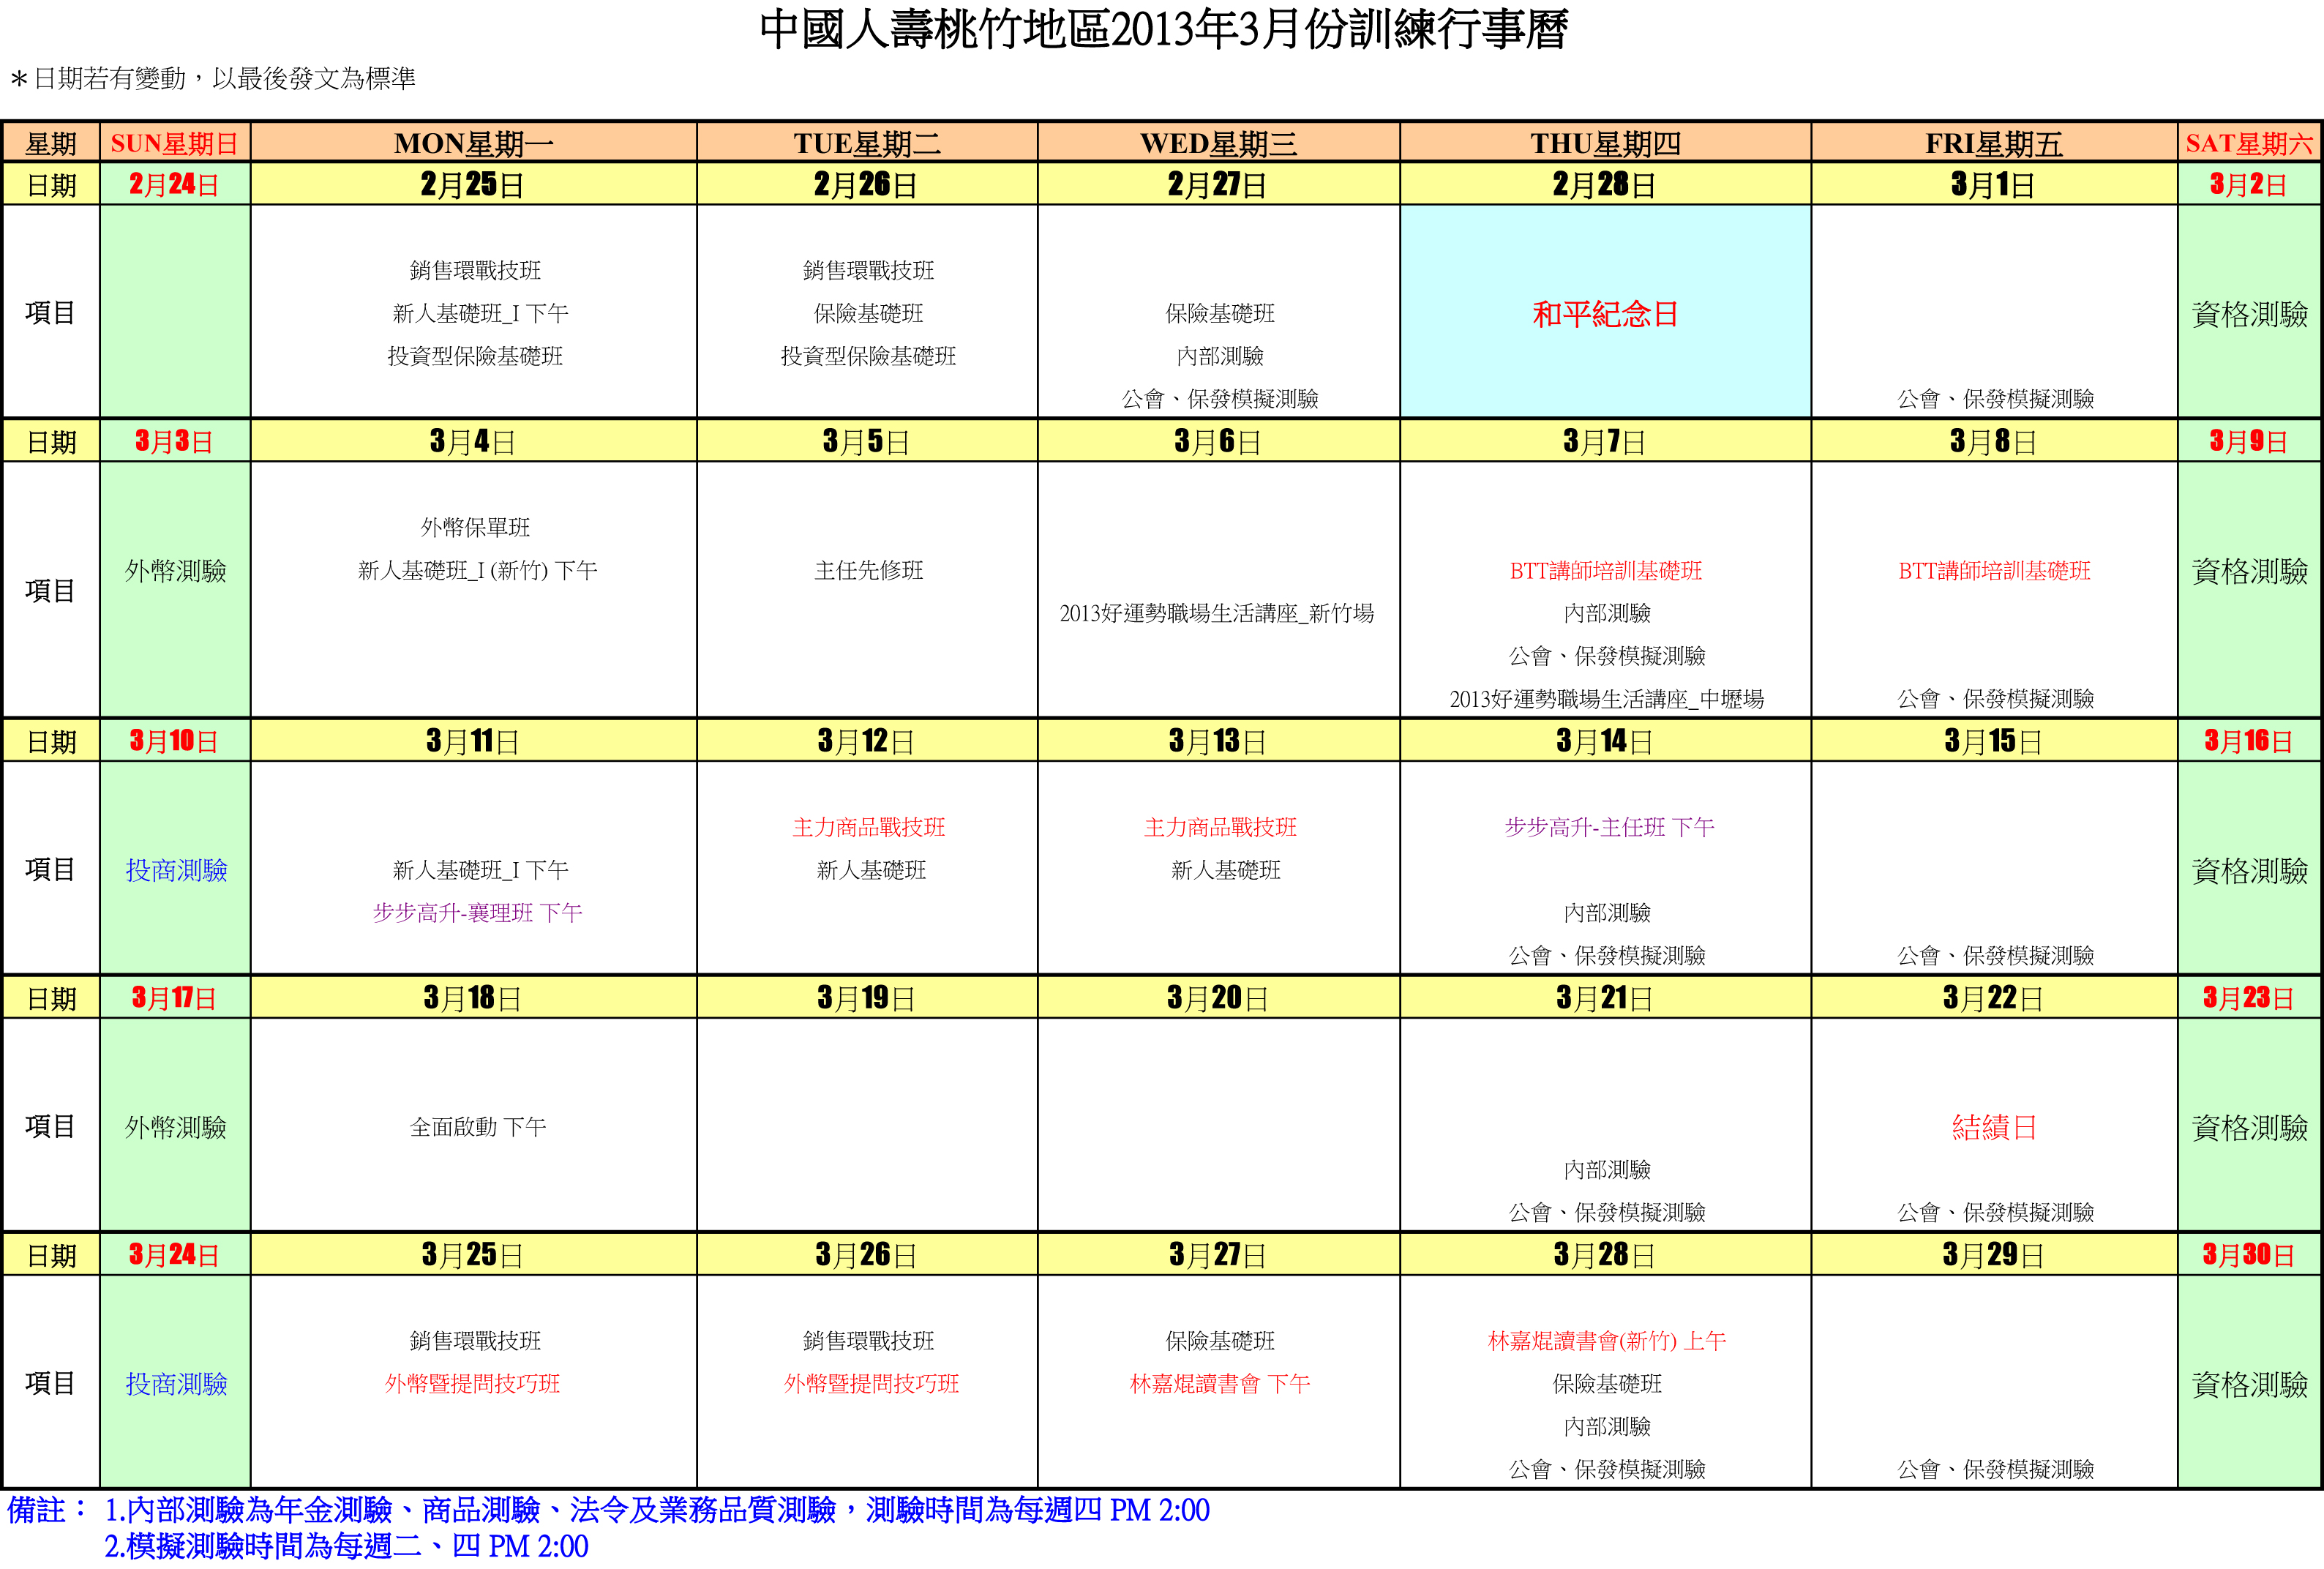 桃竹10203行事曆